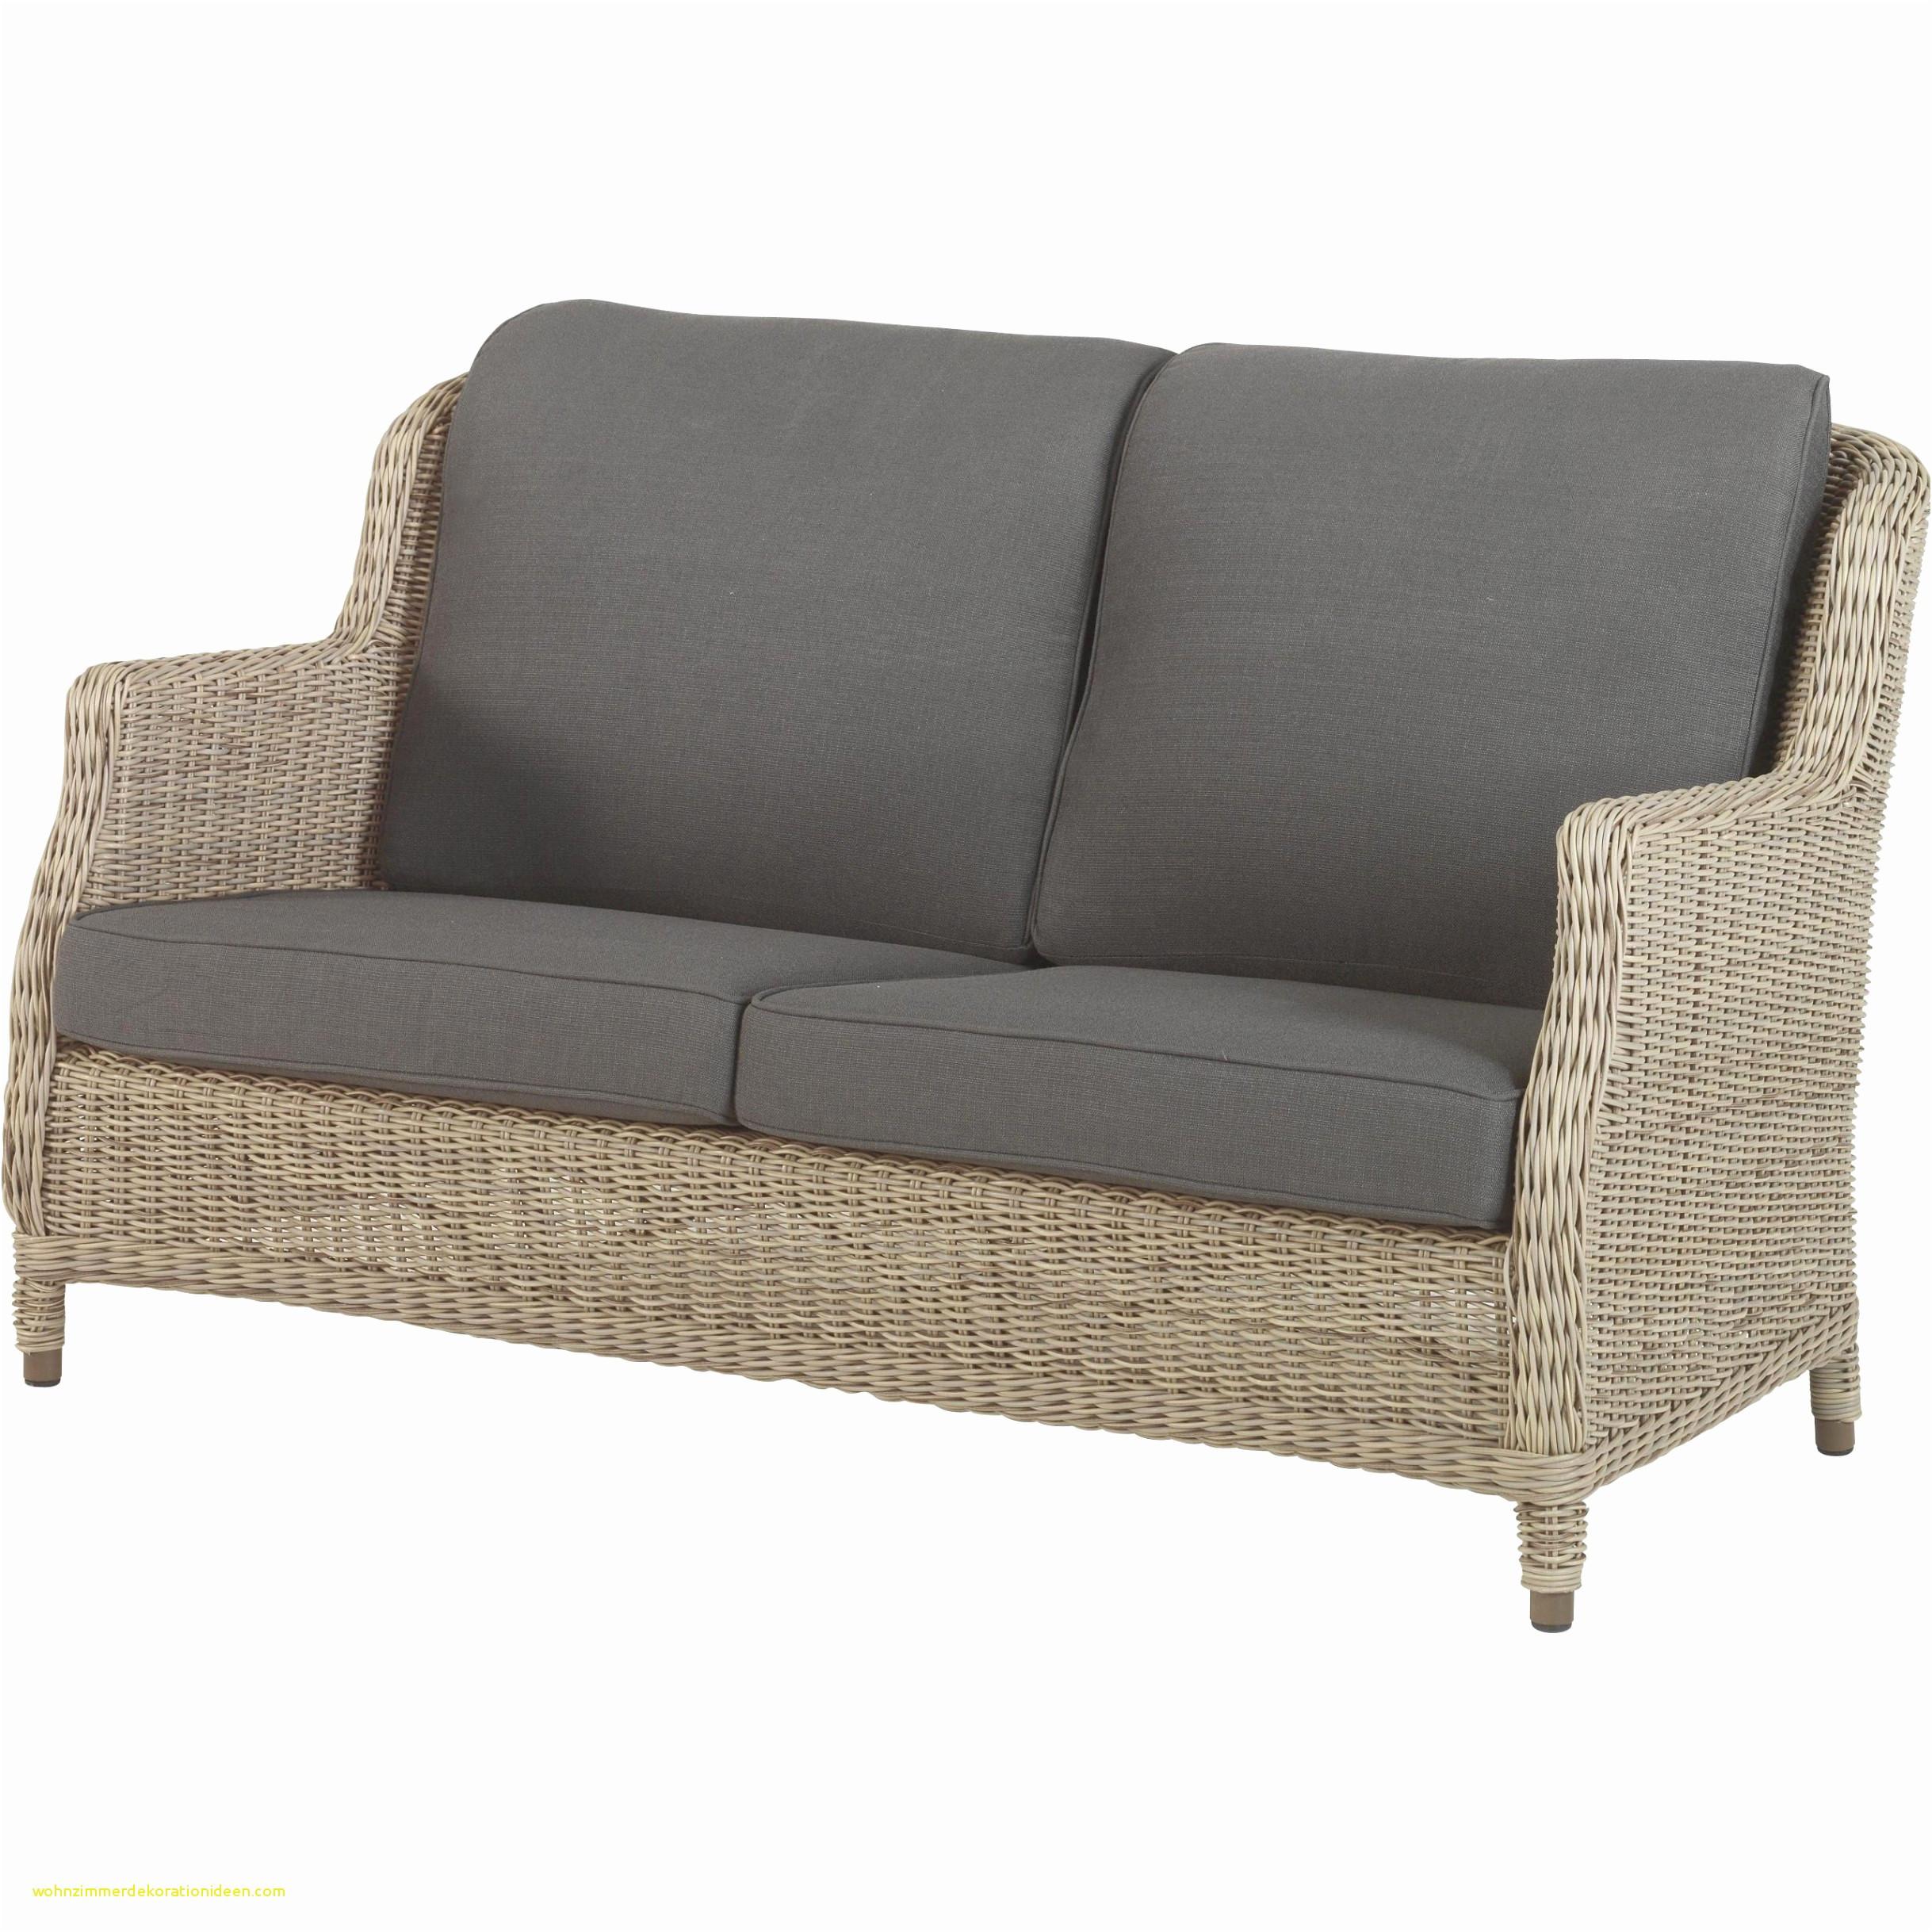 Gartensofa 3 Sitzer Einzigartig Rattan Couch Wohnzimmer